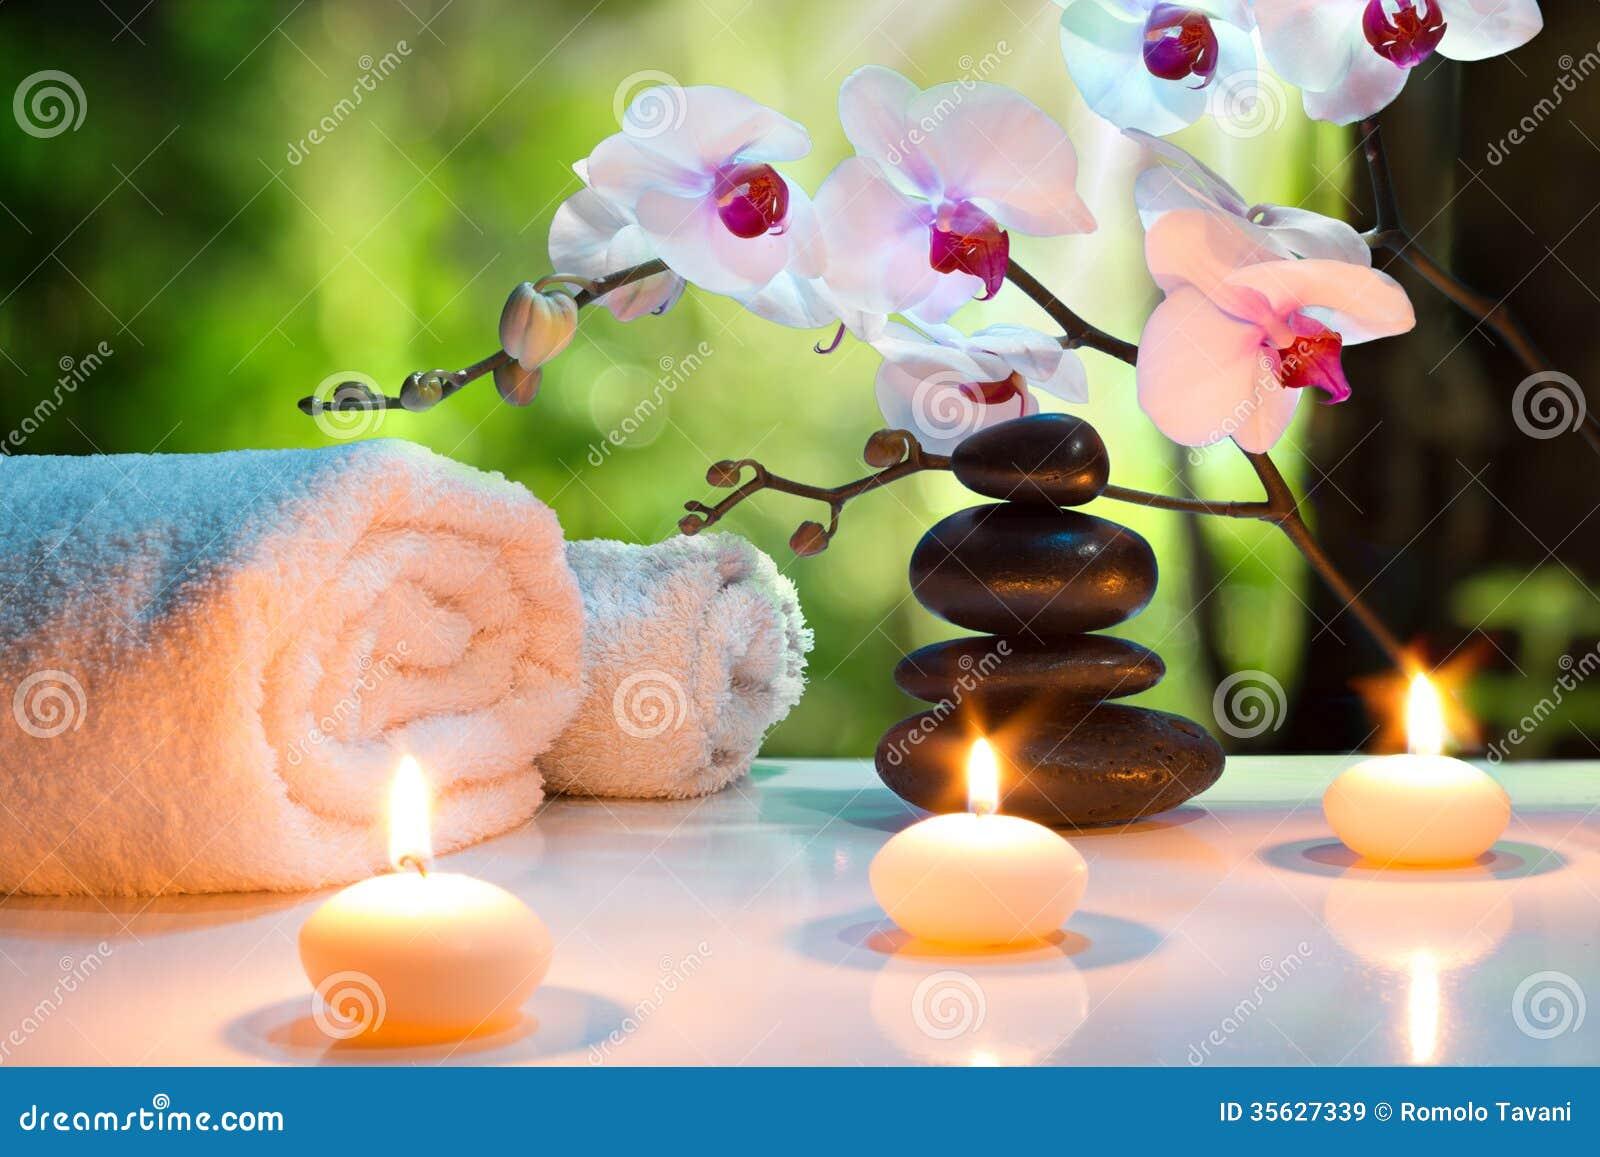 Massez la station thermale de composition avec des bougies, des orchidées et des pierres noires dans le jardin